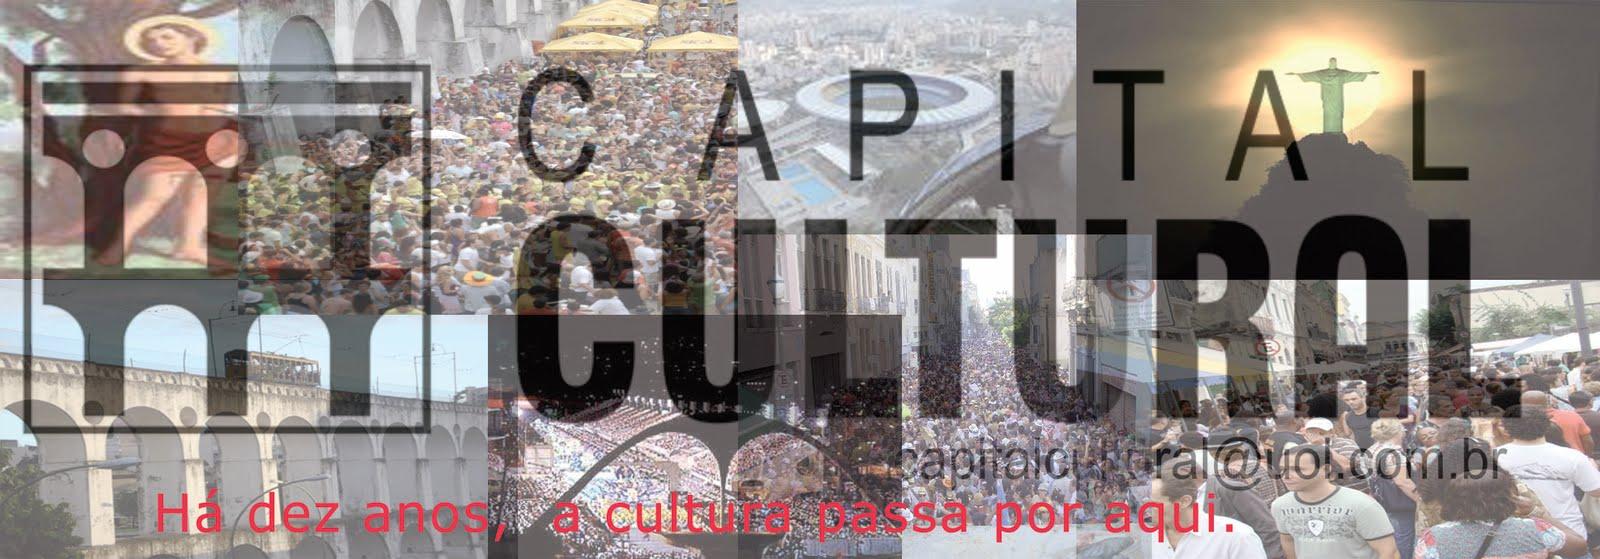 Jornal Capital Cultural